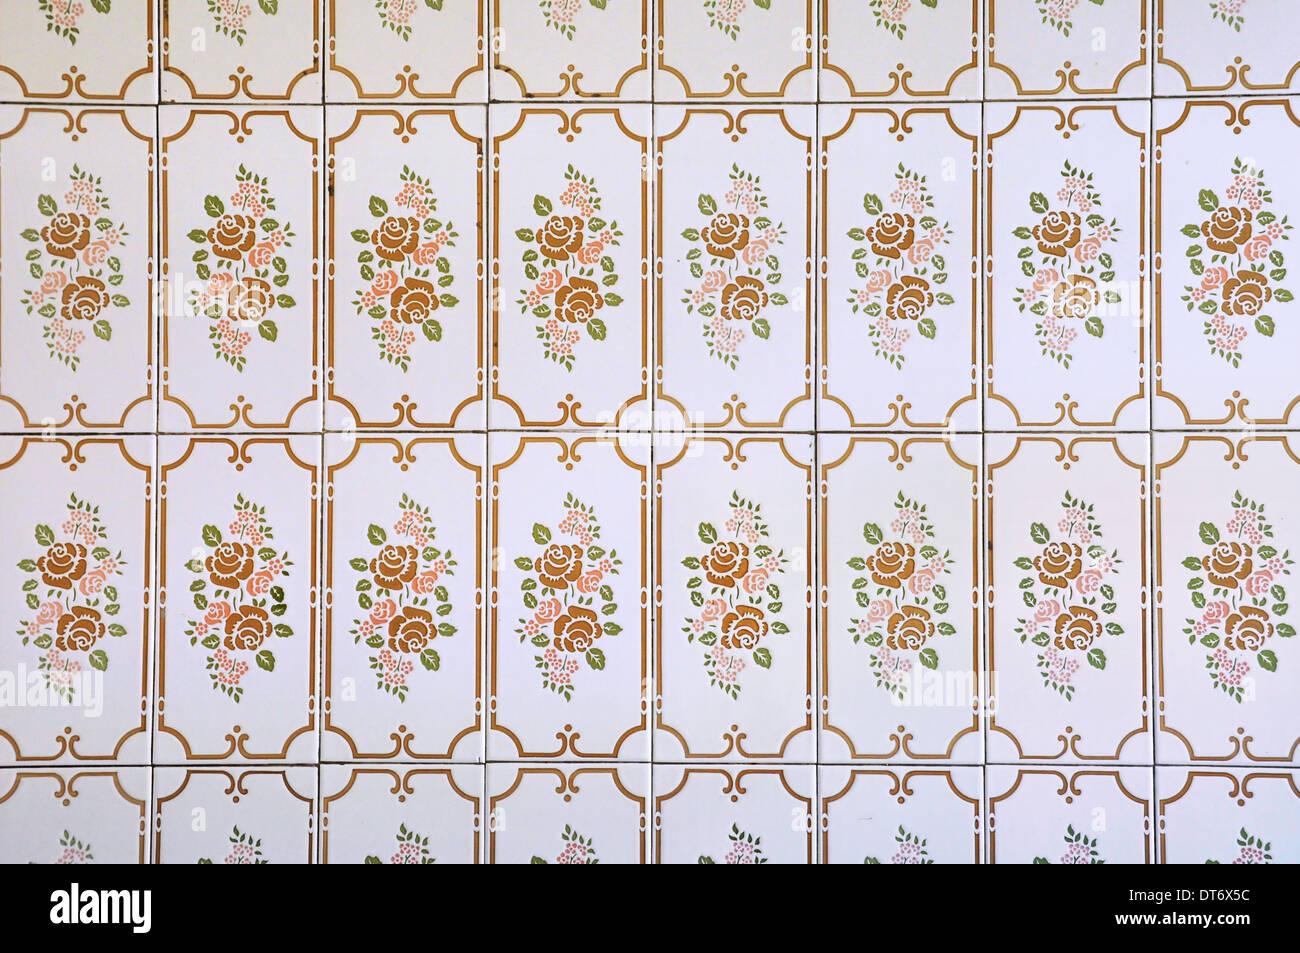 Los Azulejos De La Pared De La Cocina Con Dibujos Florales En Una - Azulejos-con-dibujos